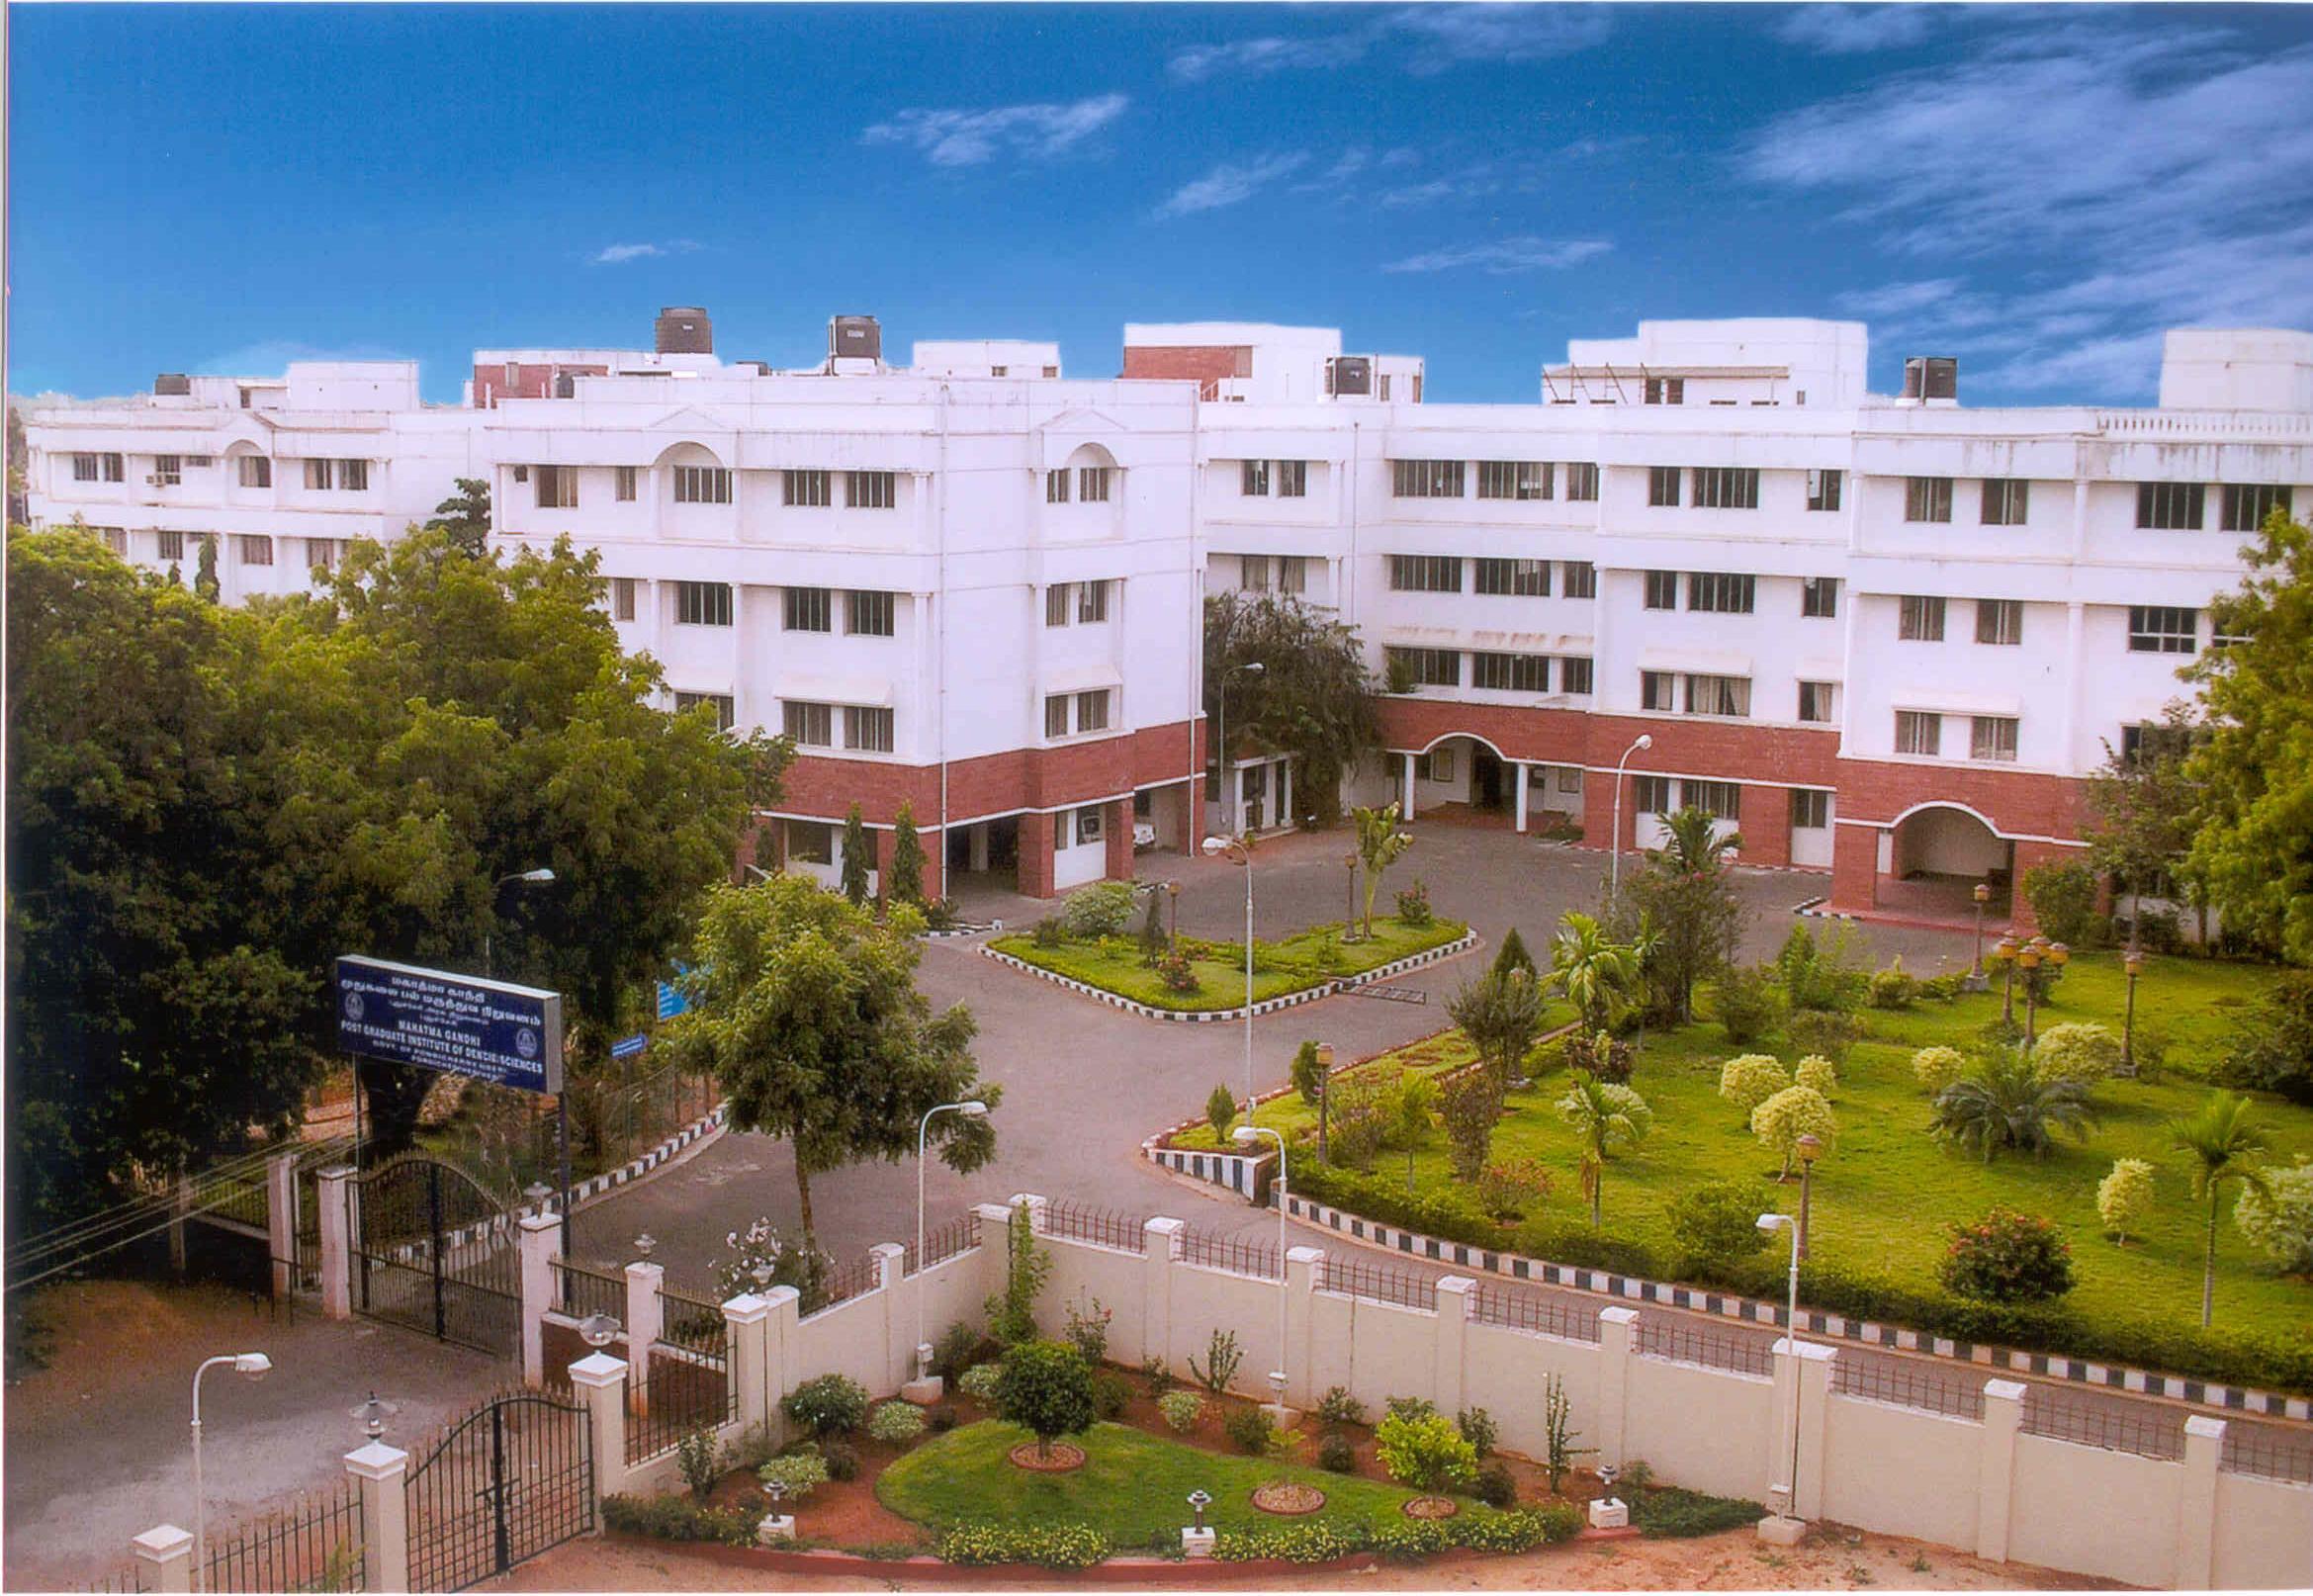 Mahatma Gandhi Post Graduate Institute of Dental Sciences, Puducherry Image